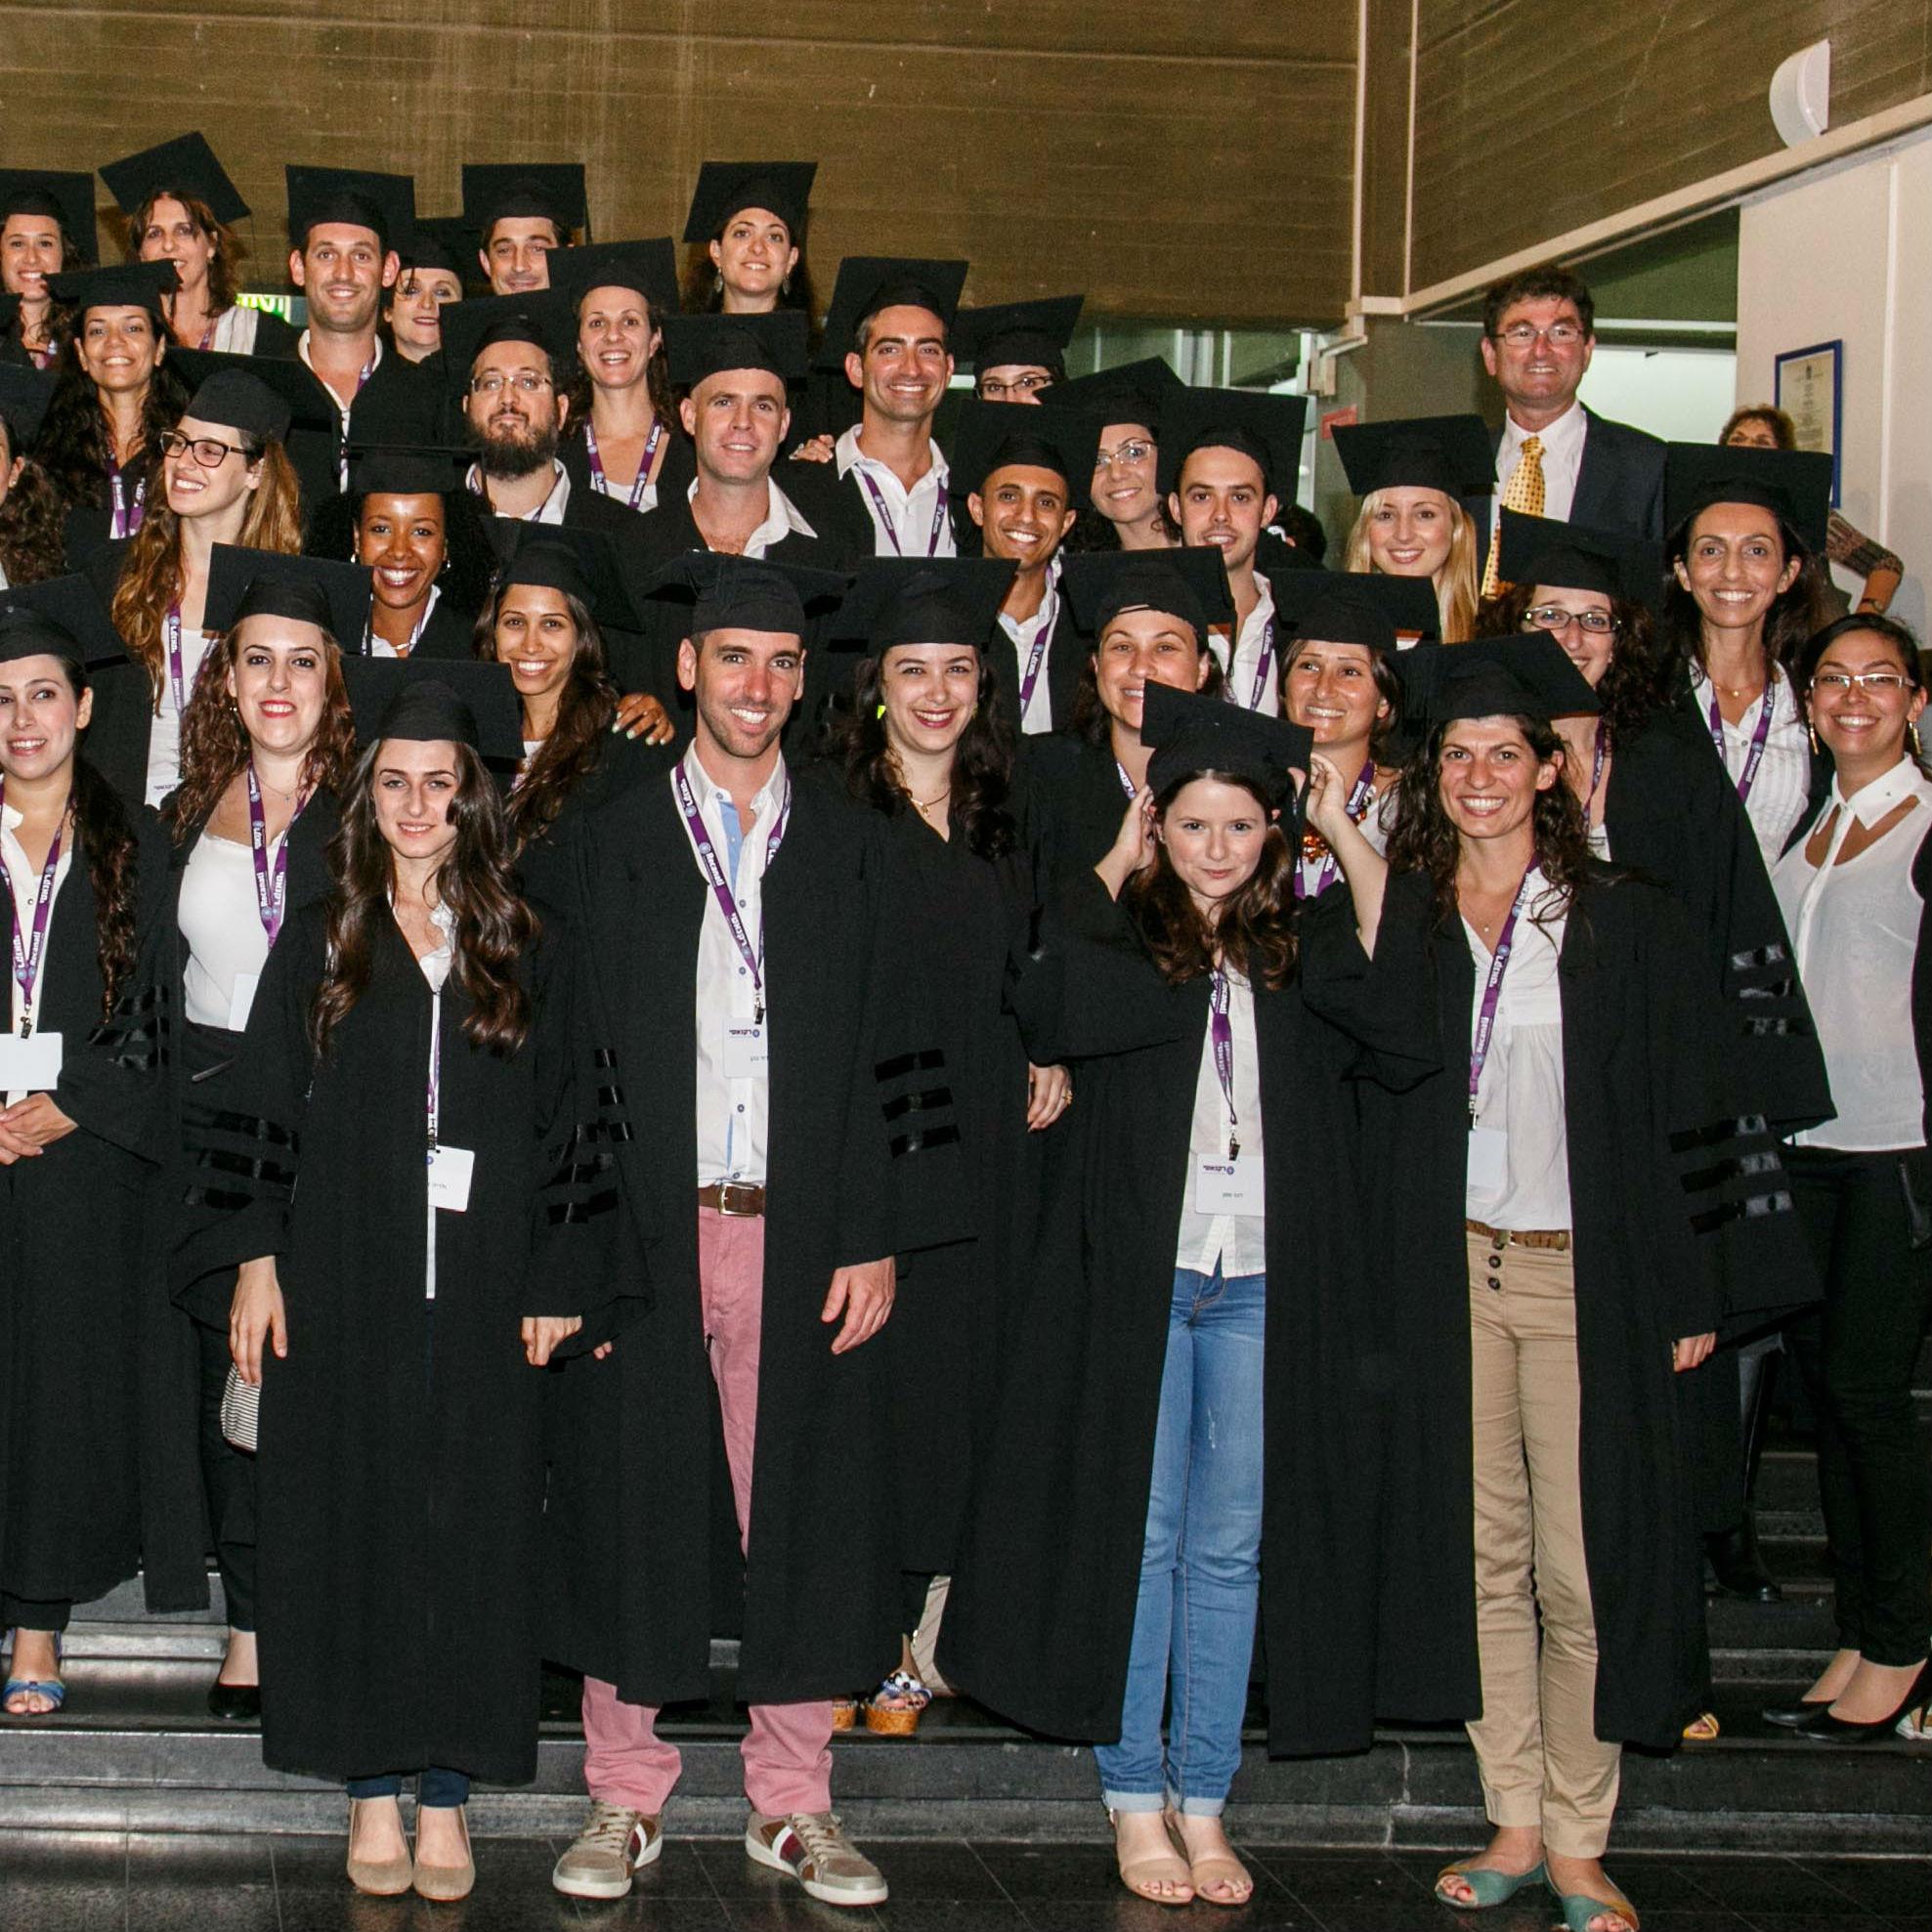 הסתיים המחזור הראשון של תכנית ייחודית לתואר שני בייעוץ ארגוני בפקולטה לניהול